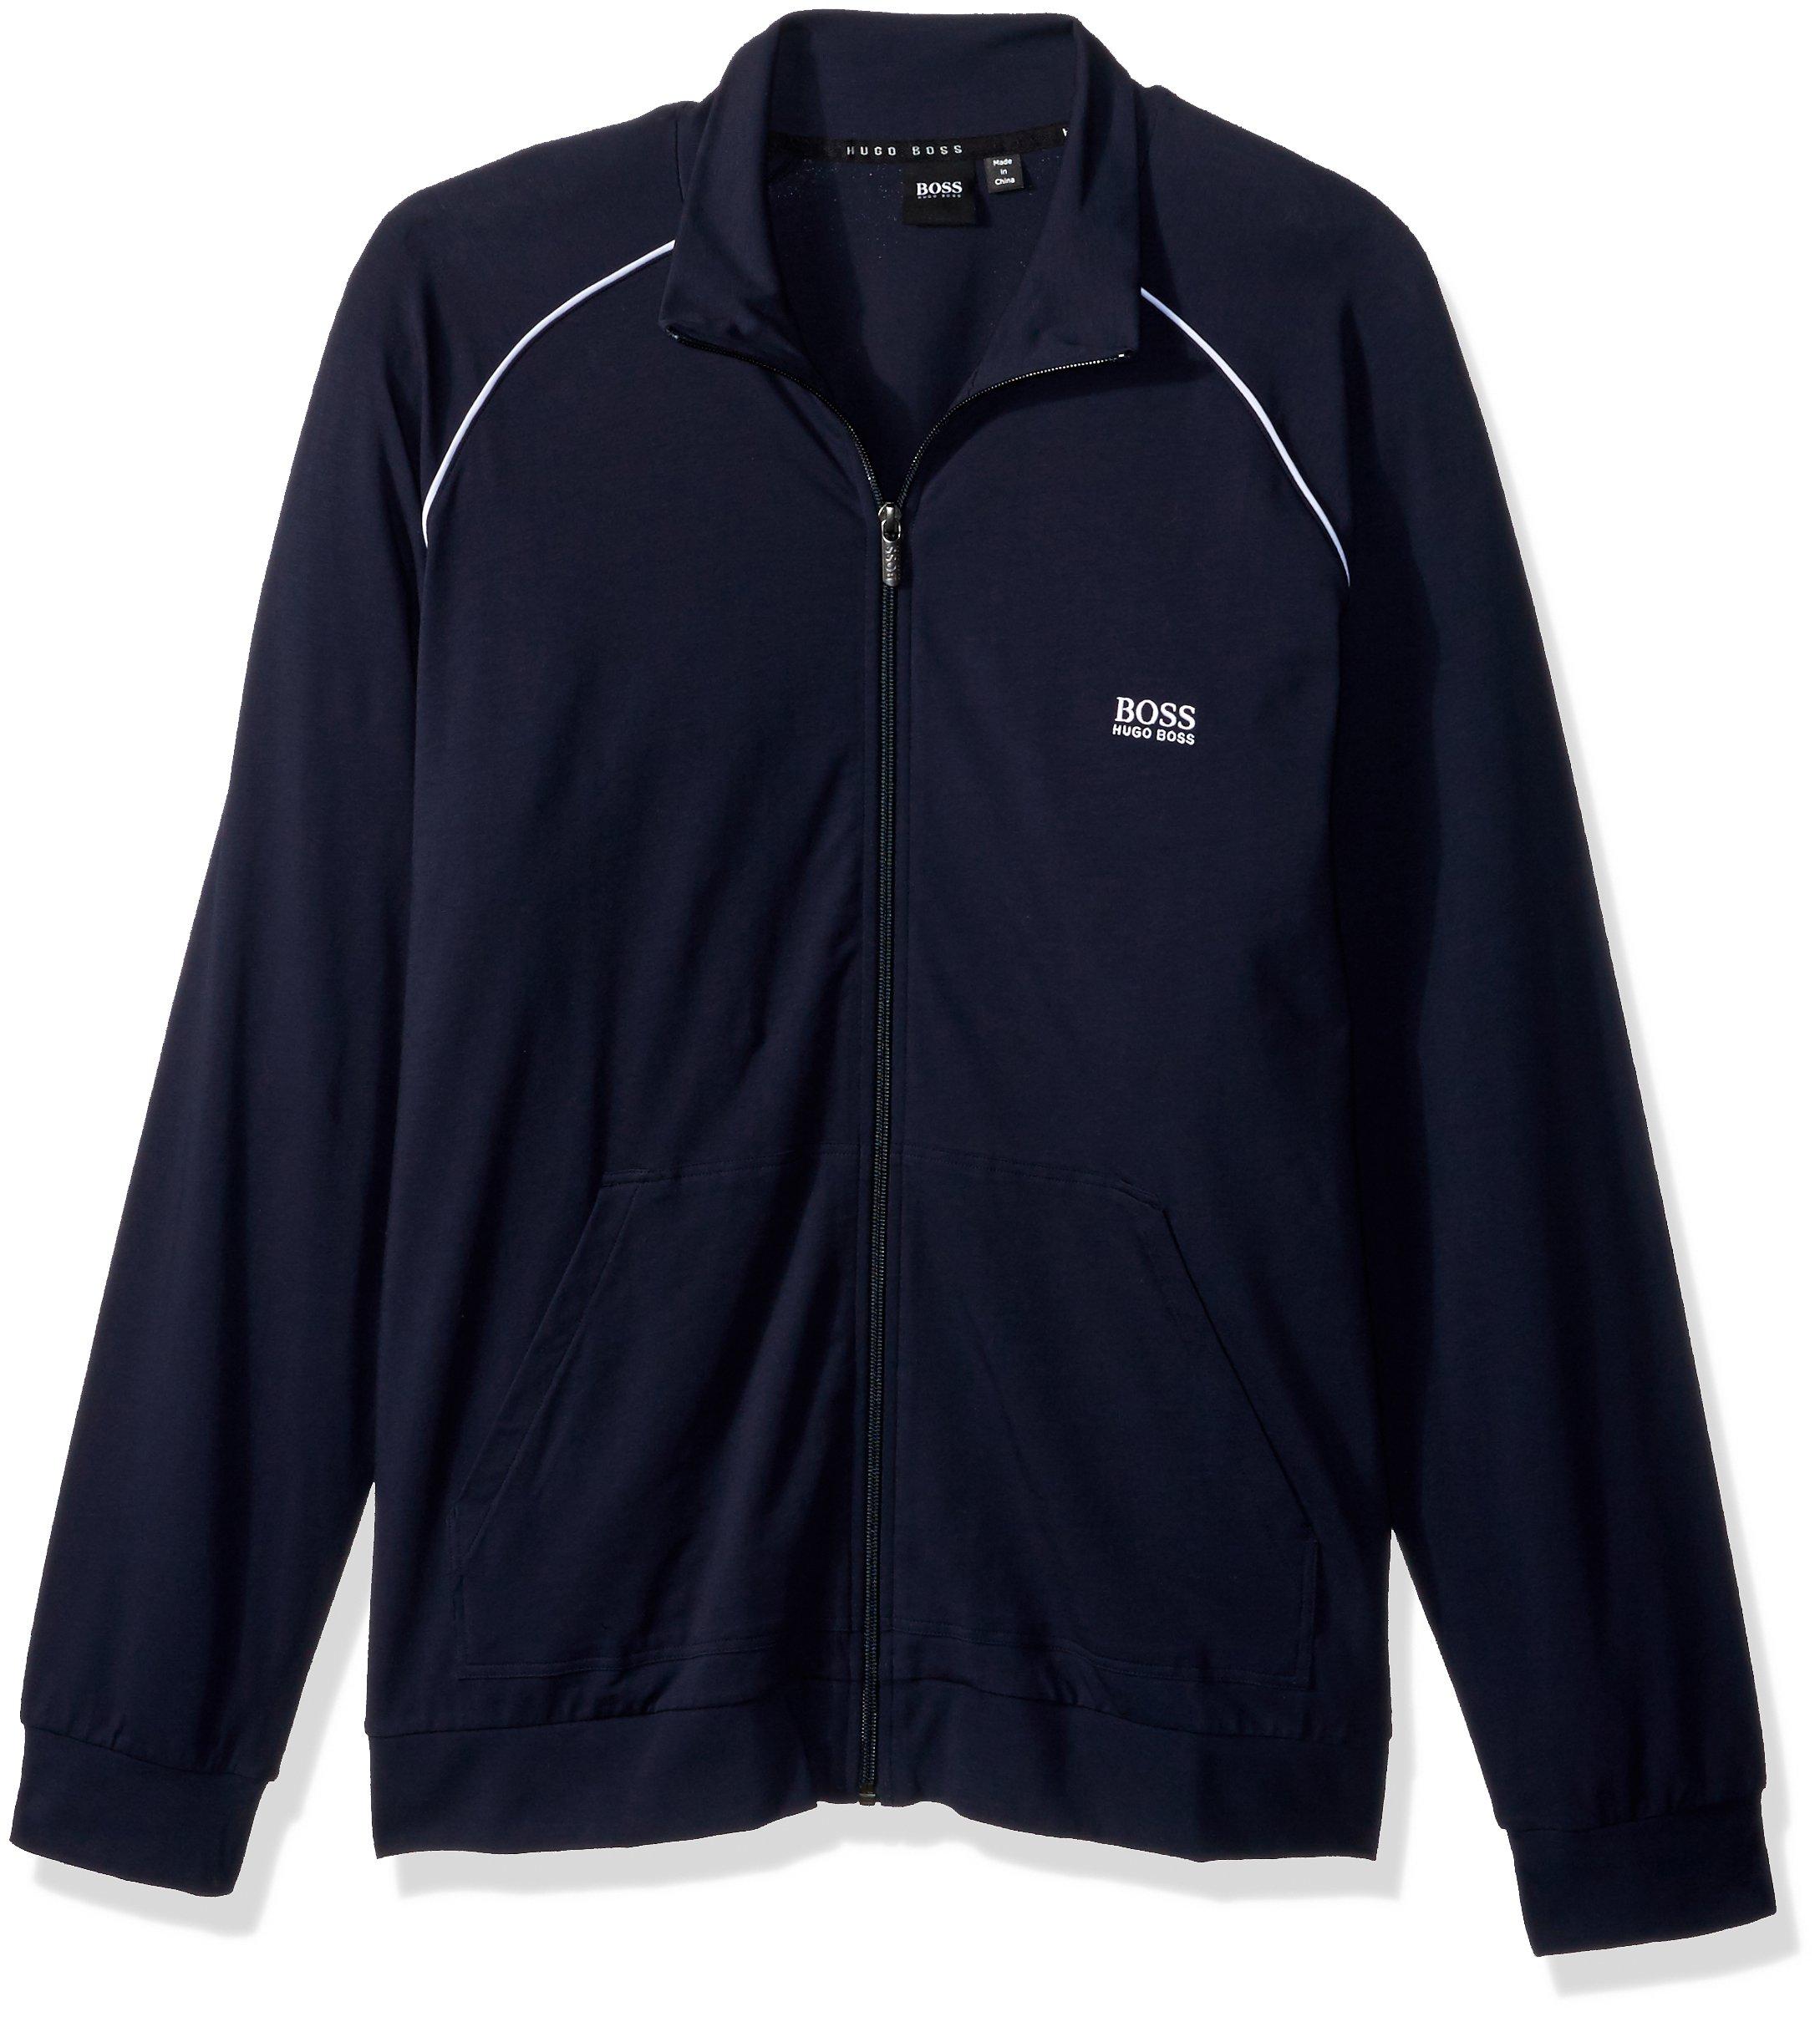 Hugo Boss BOSS Men's Mix&Match Jacket Z 10143871 01, Open Blue, S